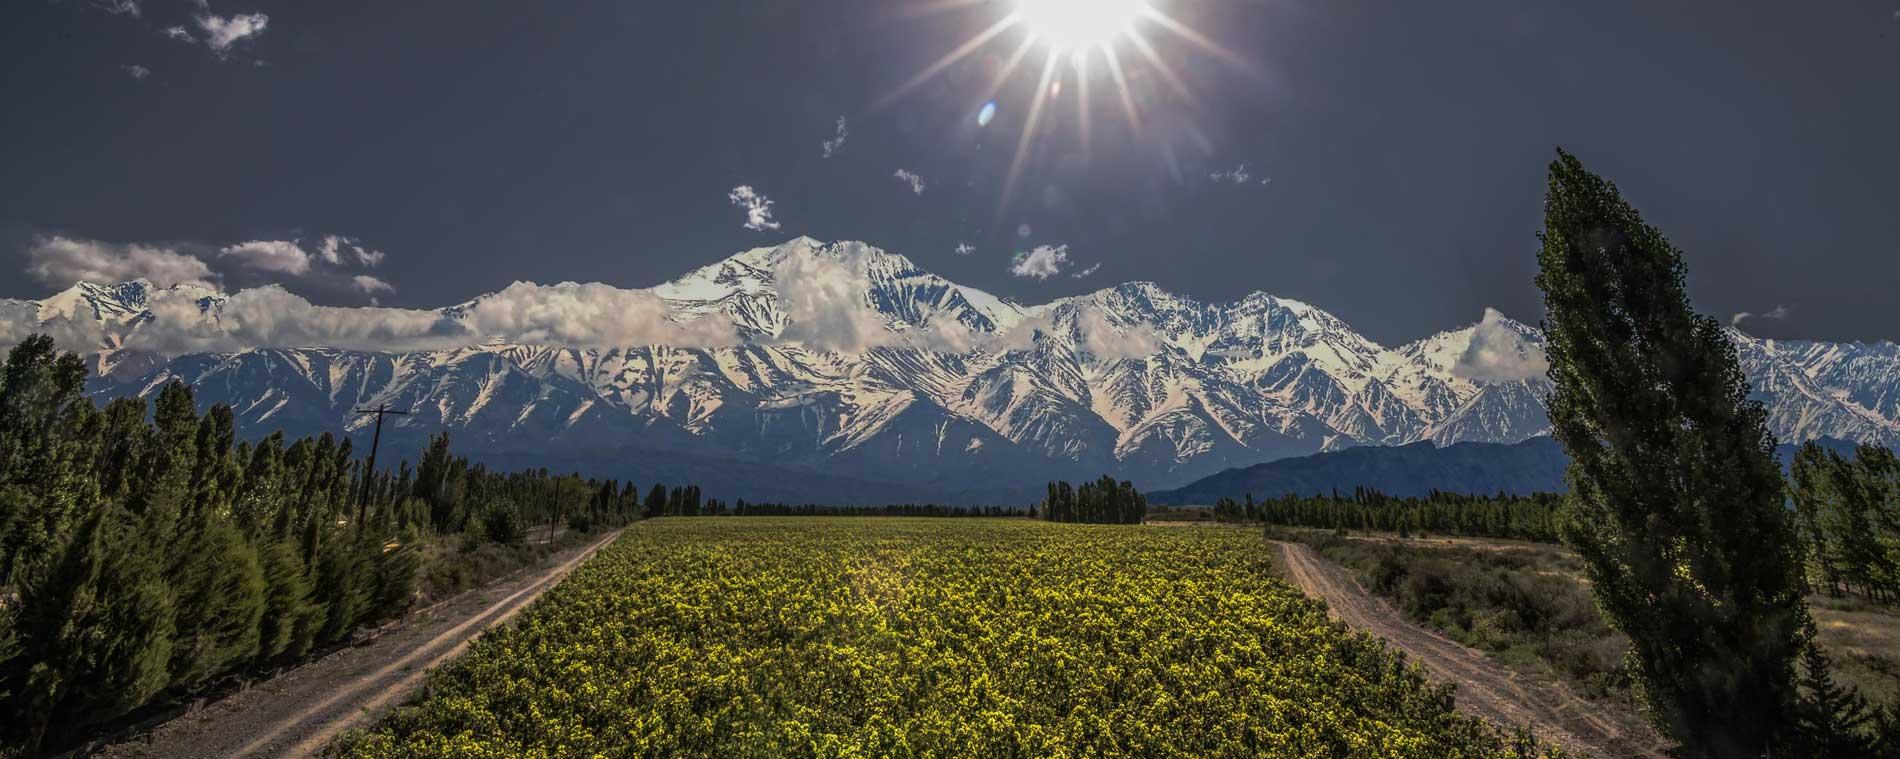 阿根廷高海拔产区一览